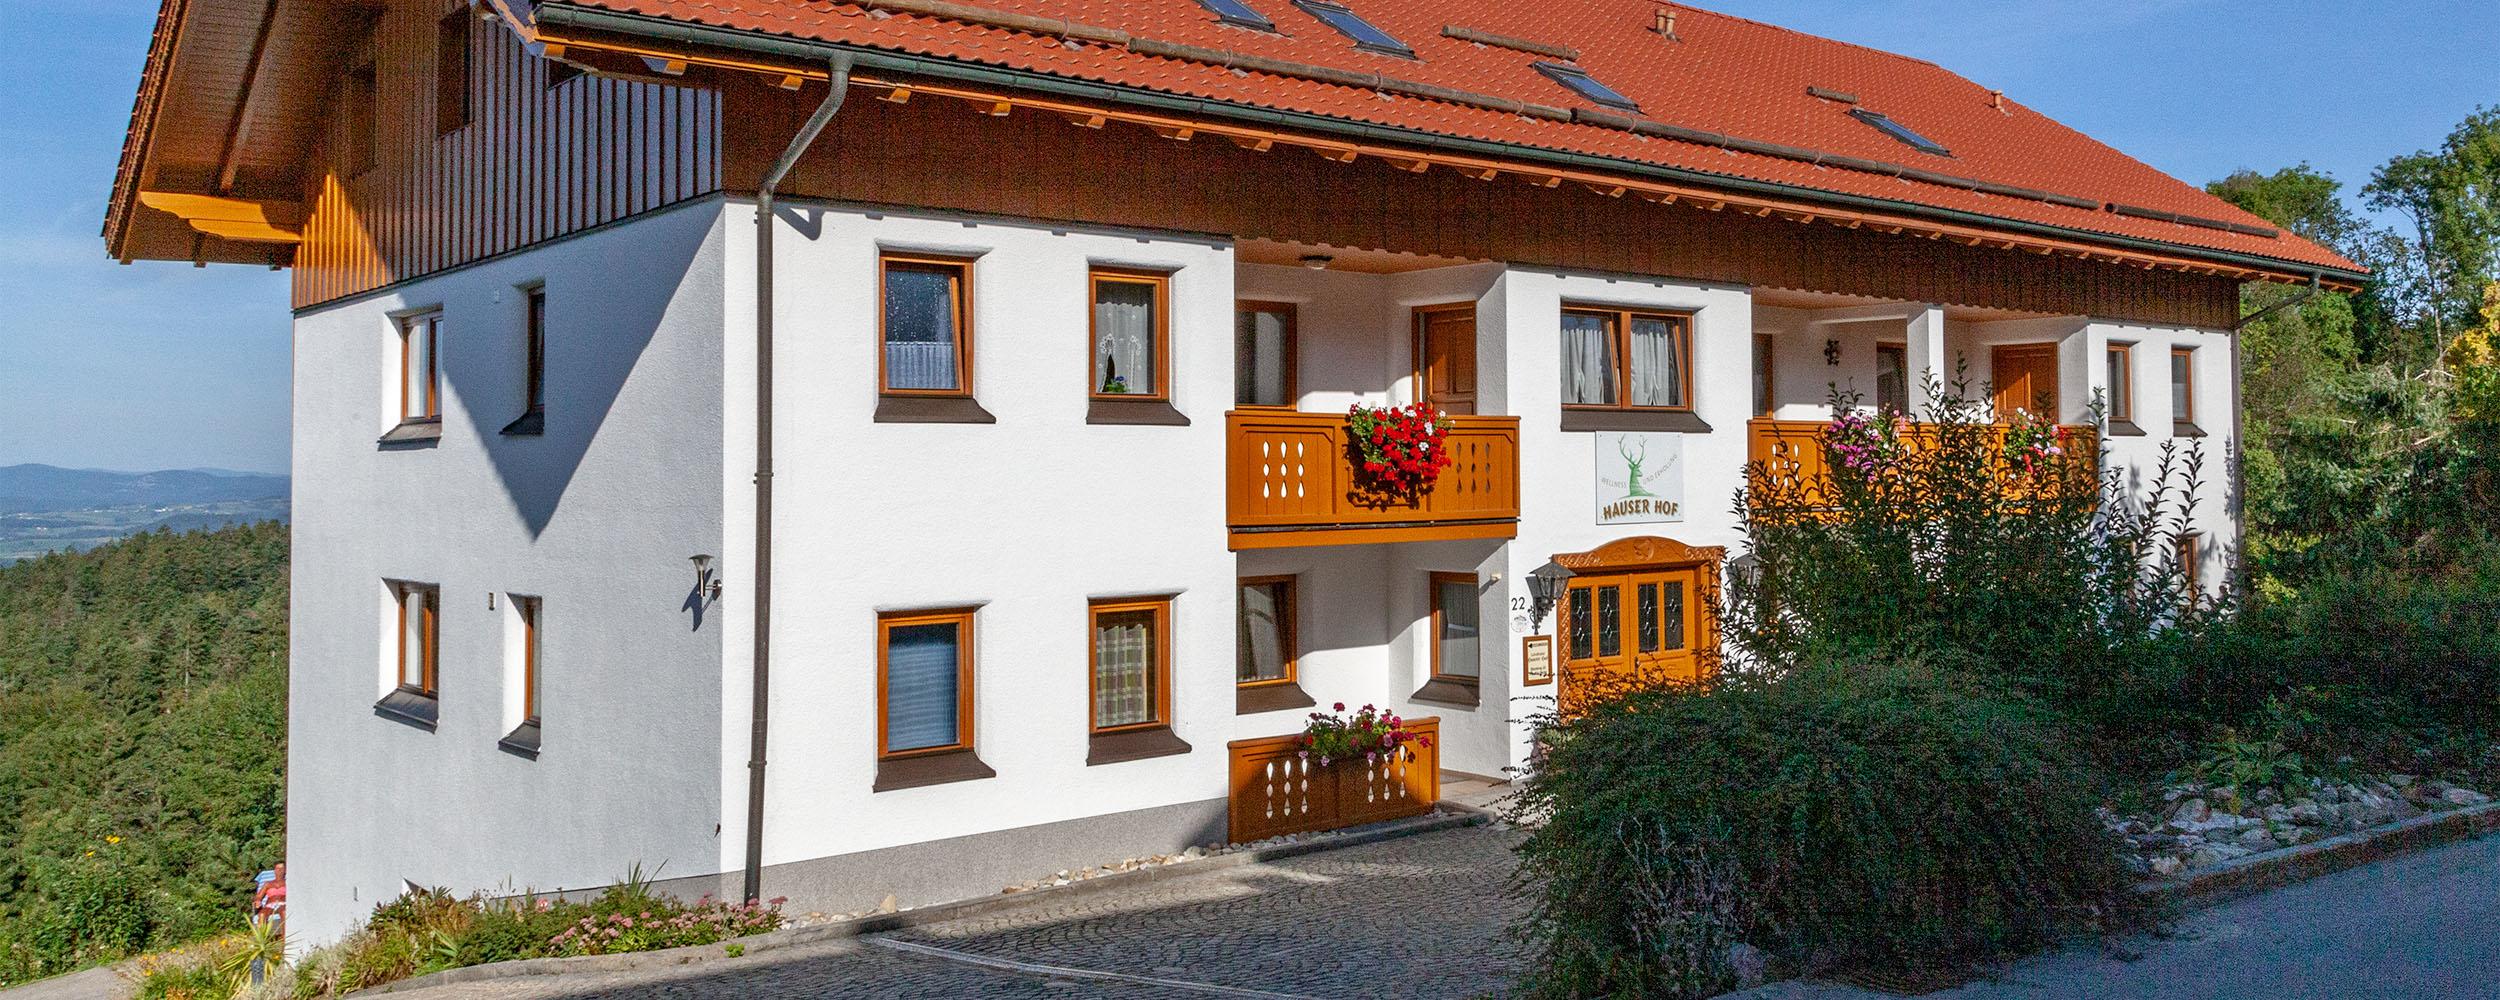 HAUSER HOF Ferienhaus